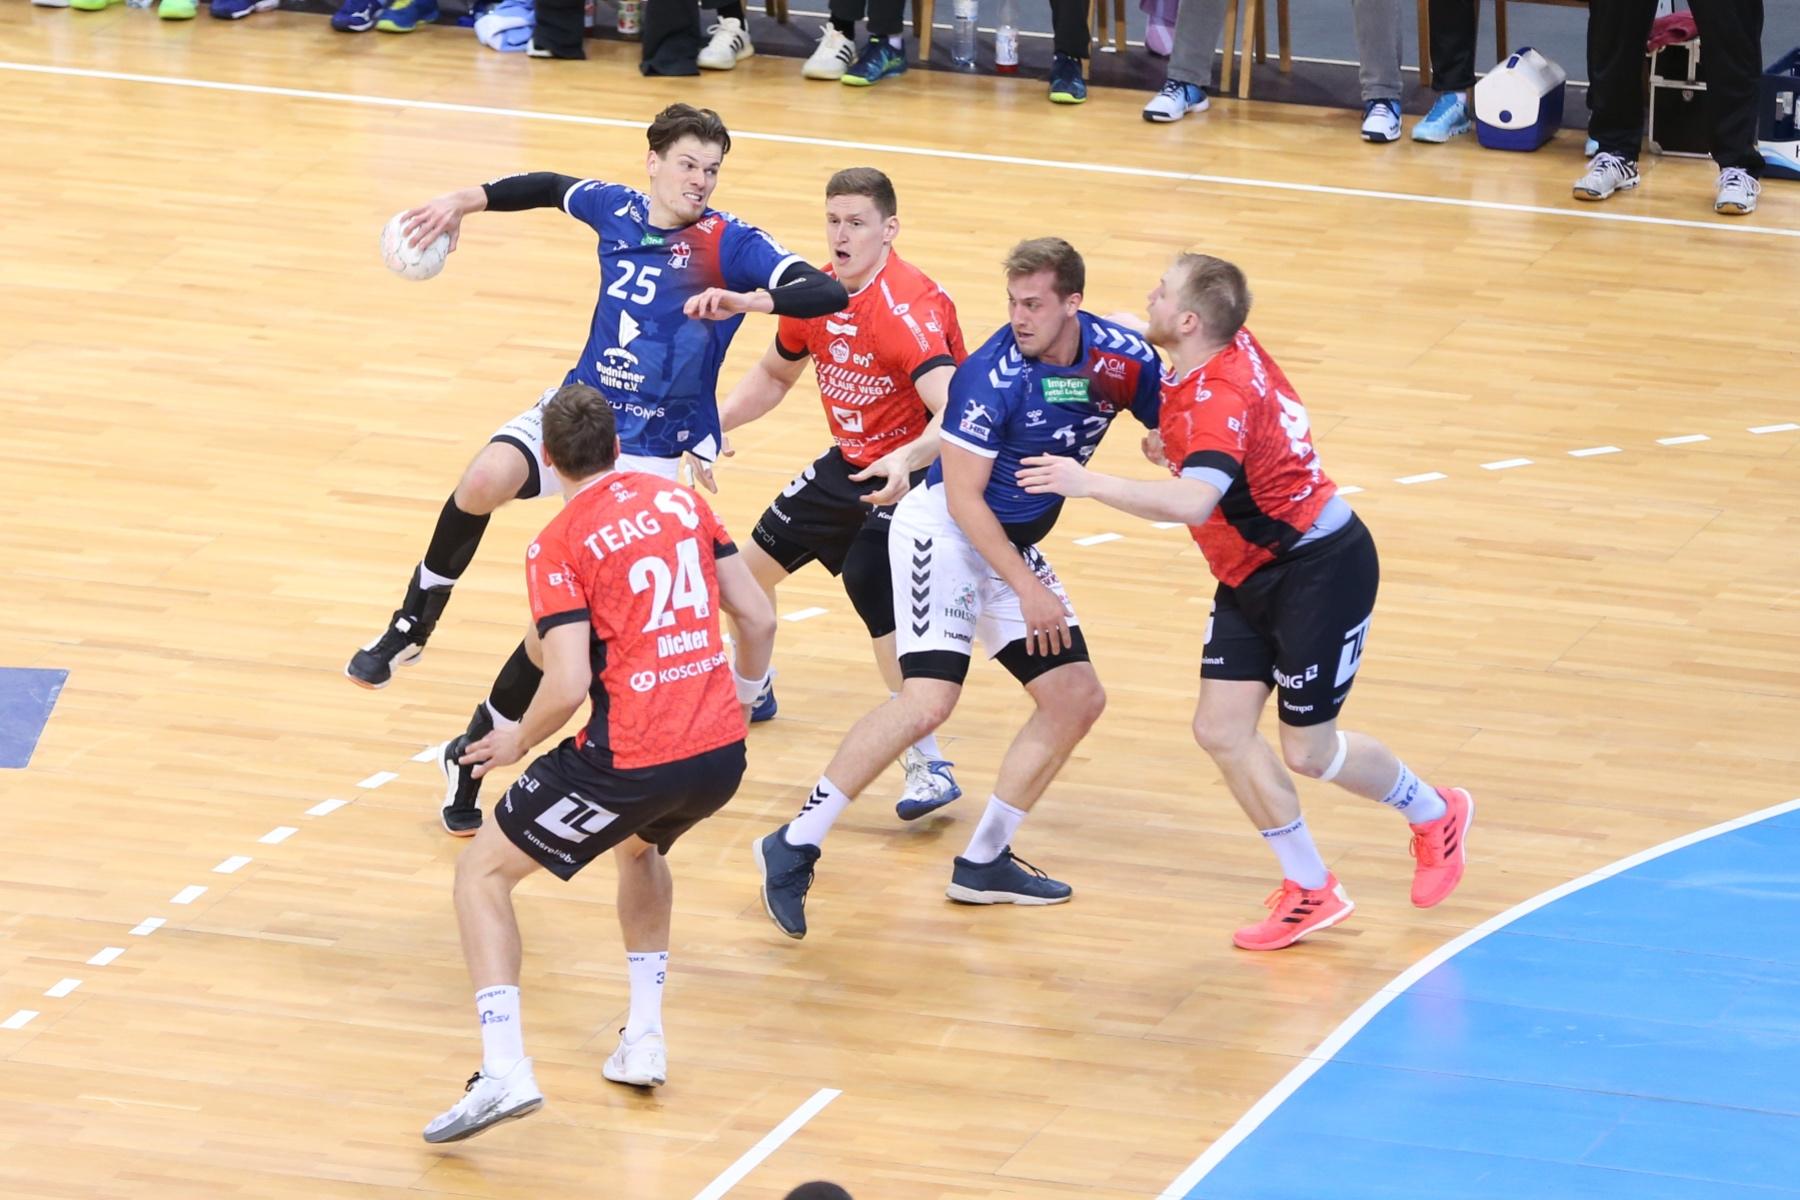 Geheimtipp Hamburg Handball HSV Jugend Nachwuchs Volksbank 06 – ©Patrick Willner